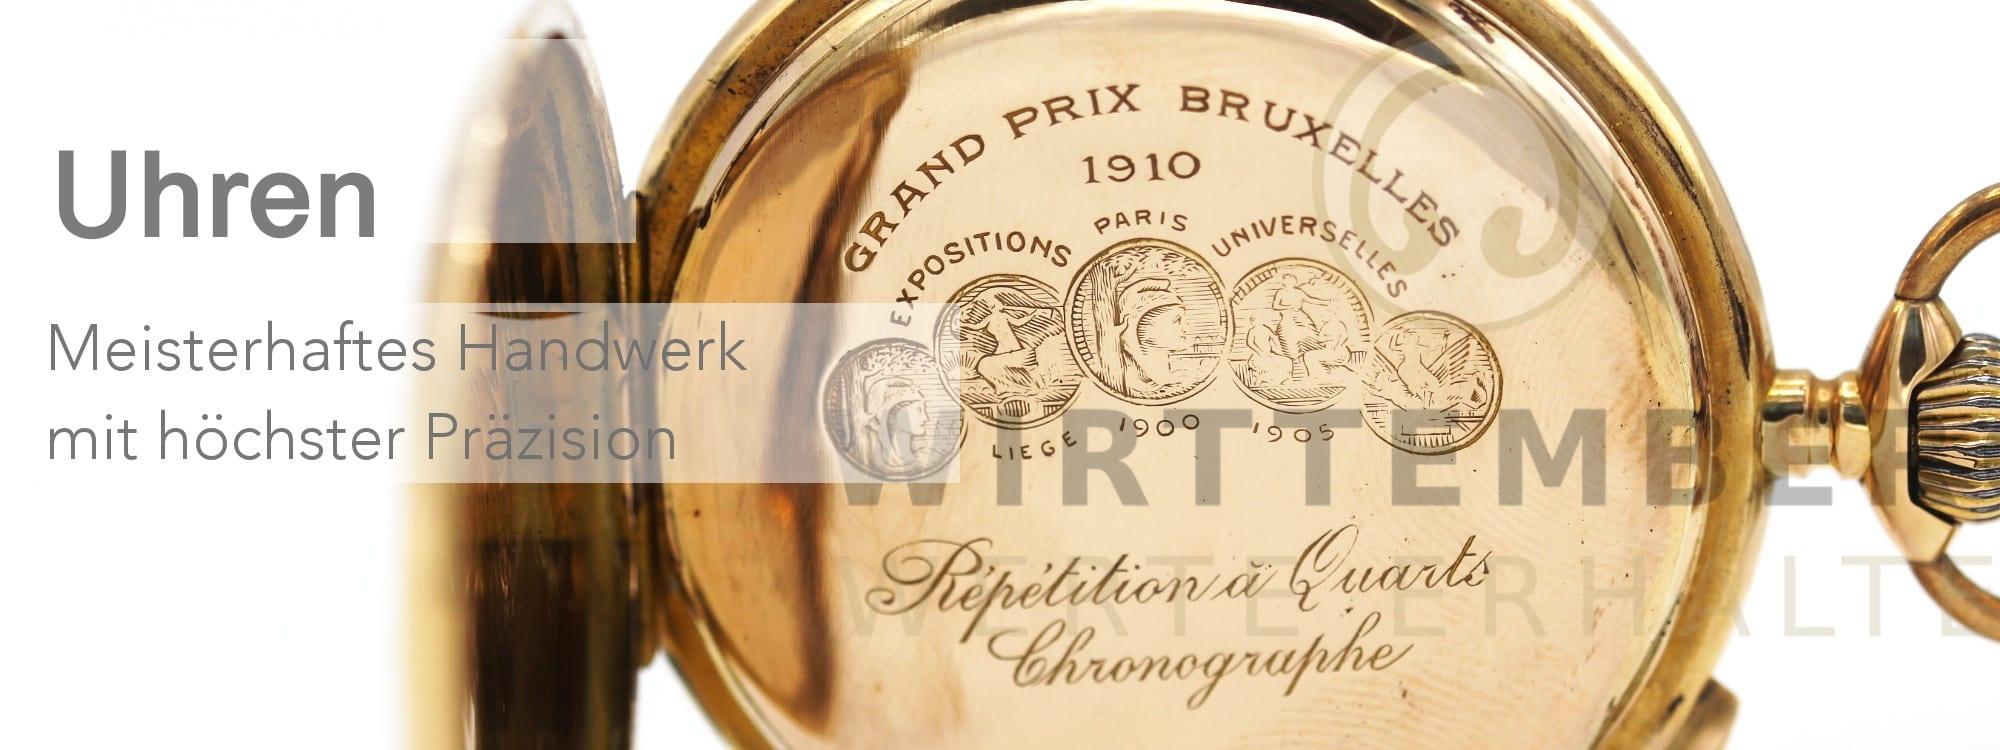 Uhrenkauf Taschenuhr kaufen Luxusuhr Standuhr Armbanduhr verkaufen Heilbronn